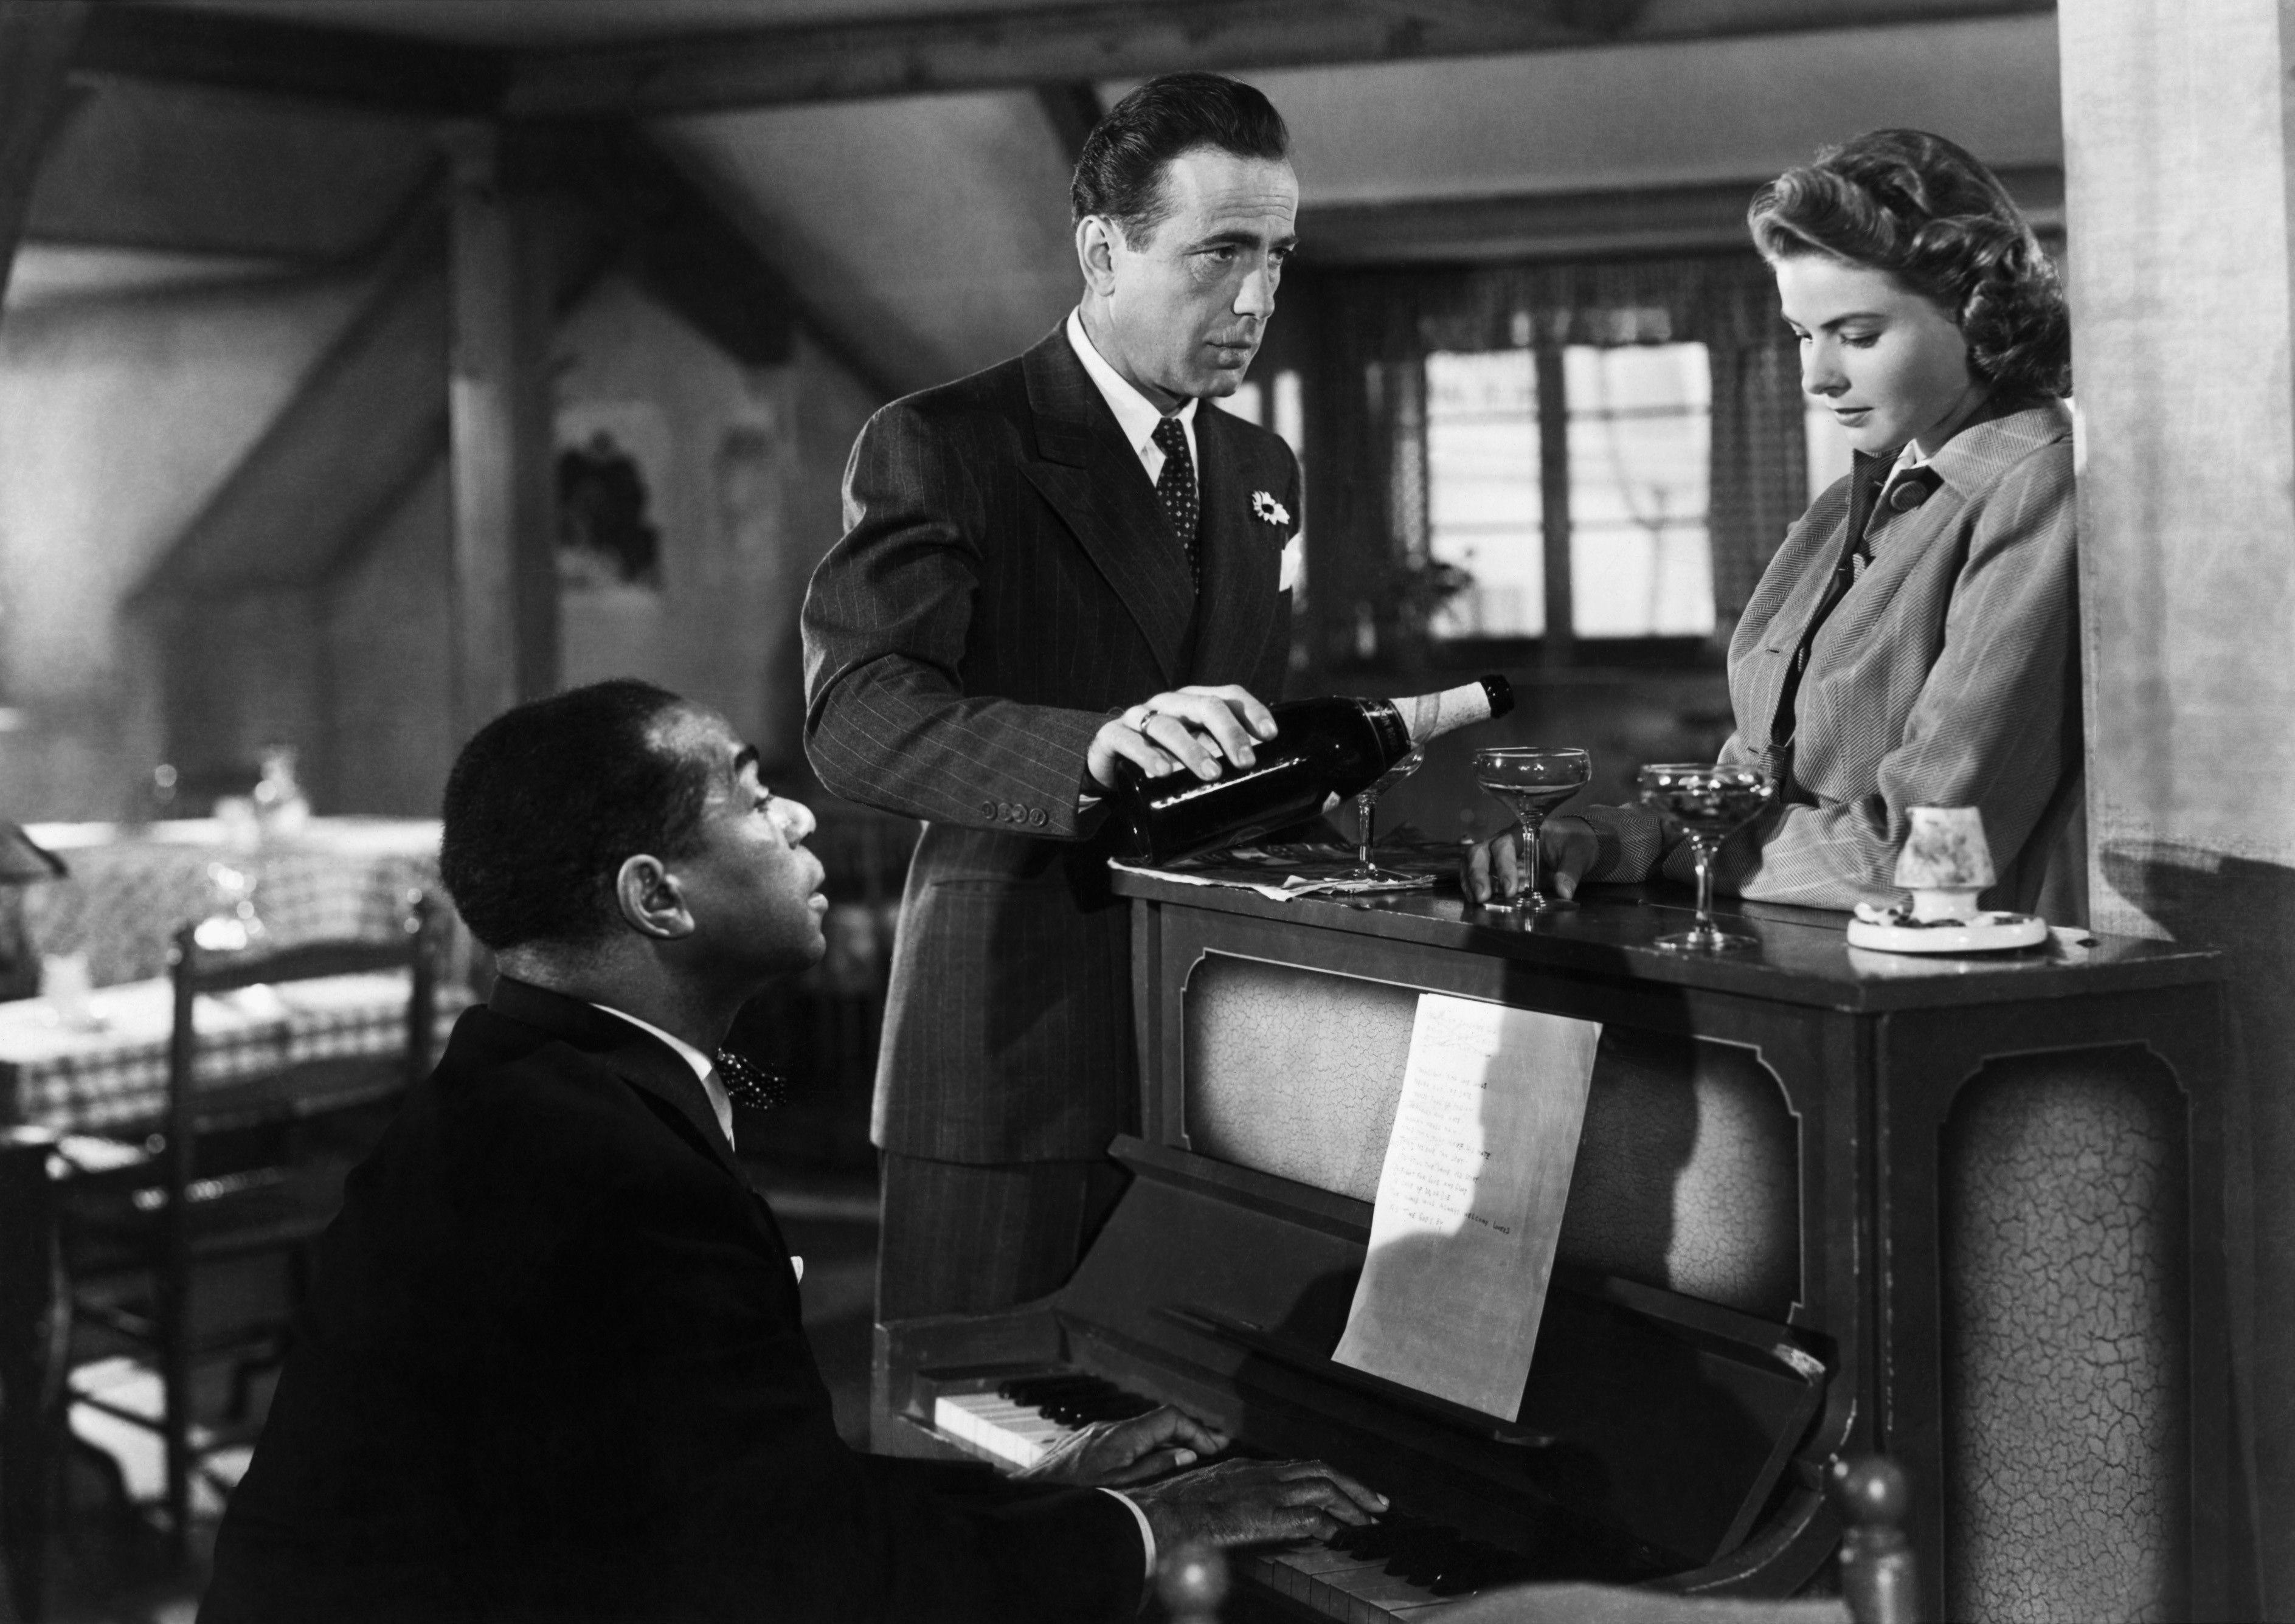 A still from award winning movie Casablanca